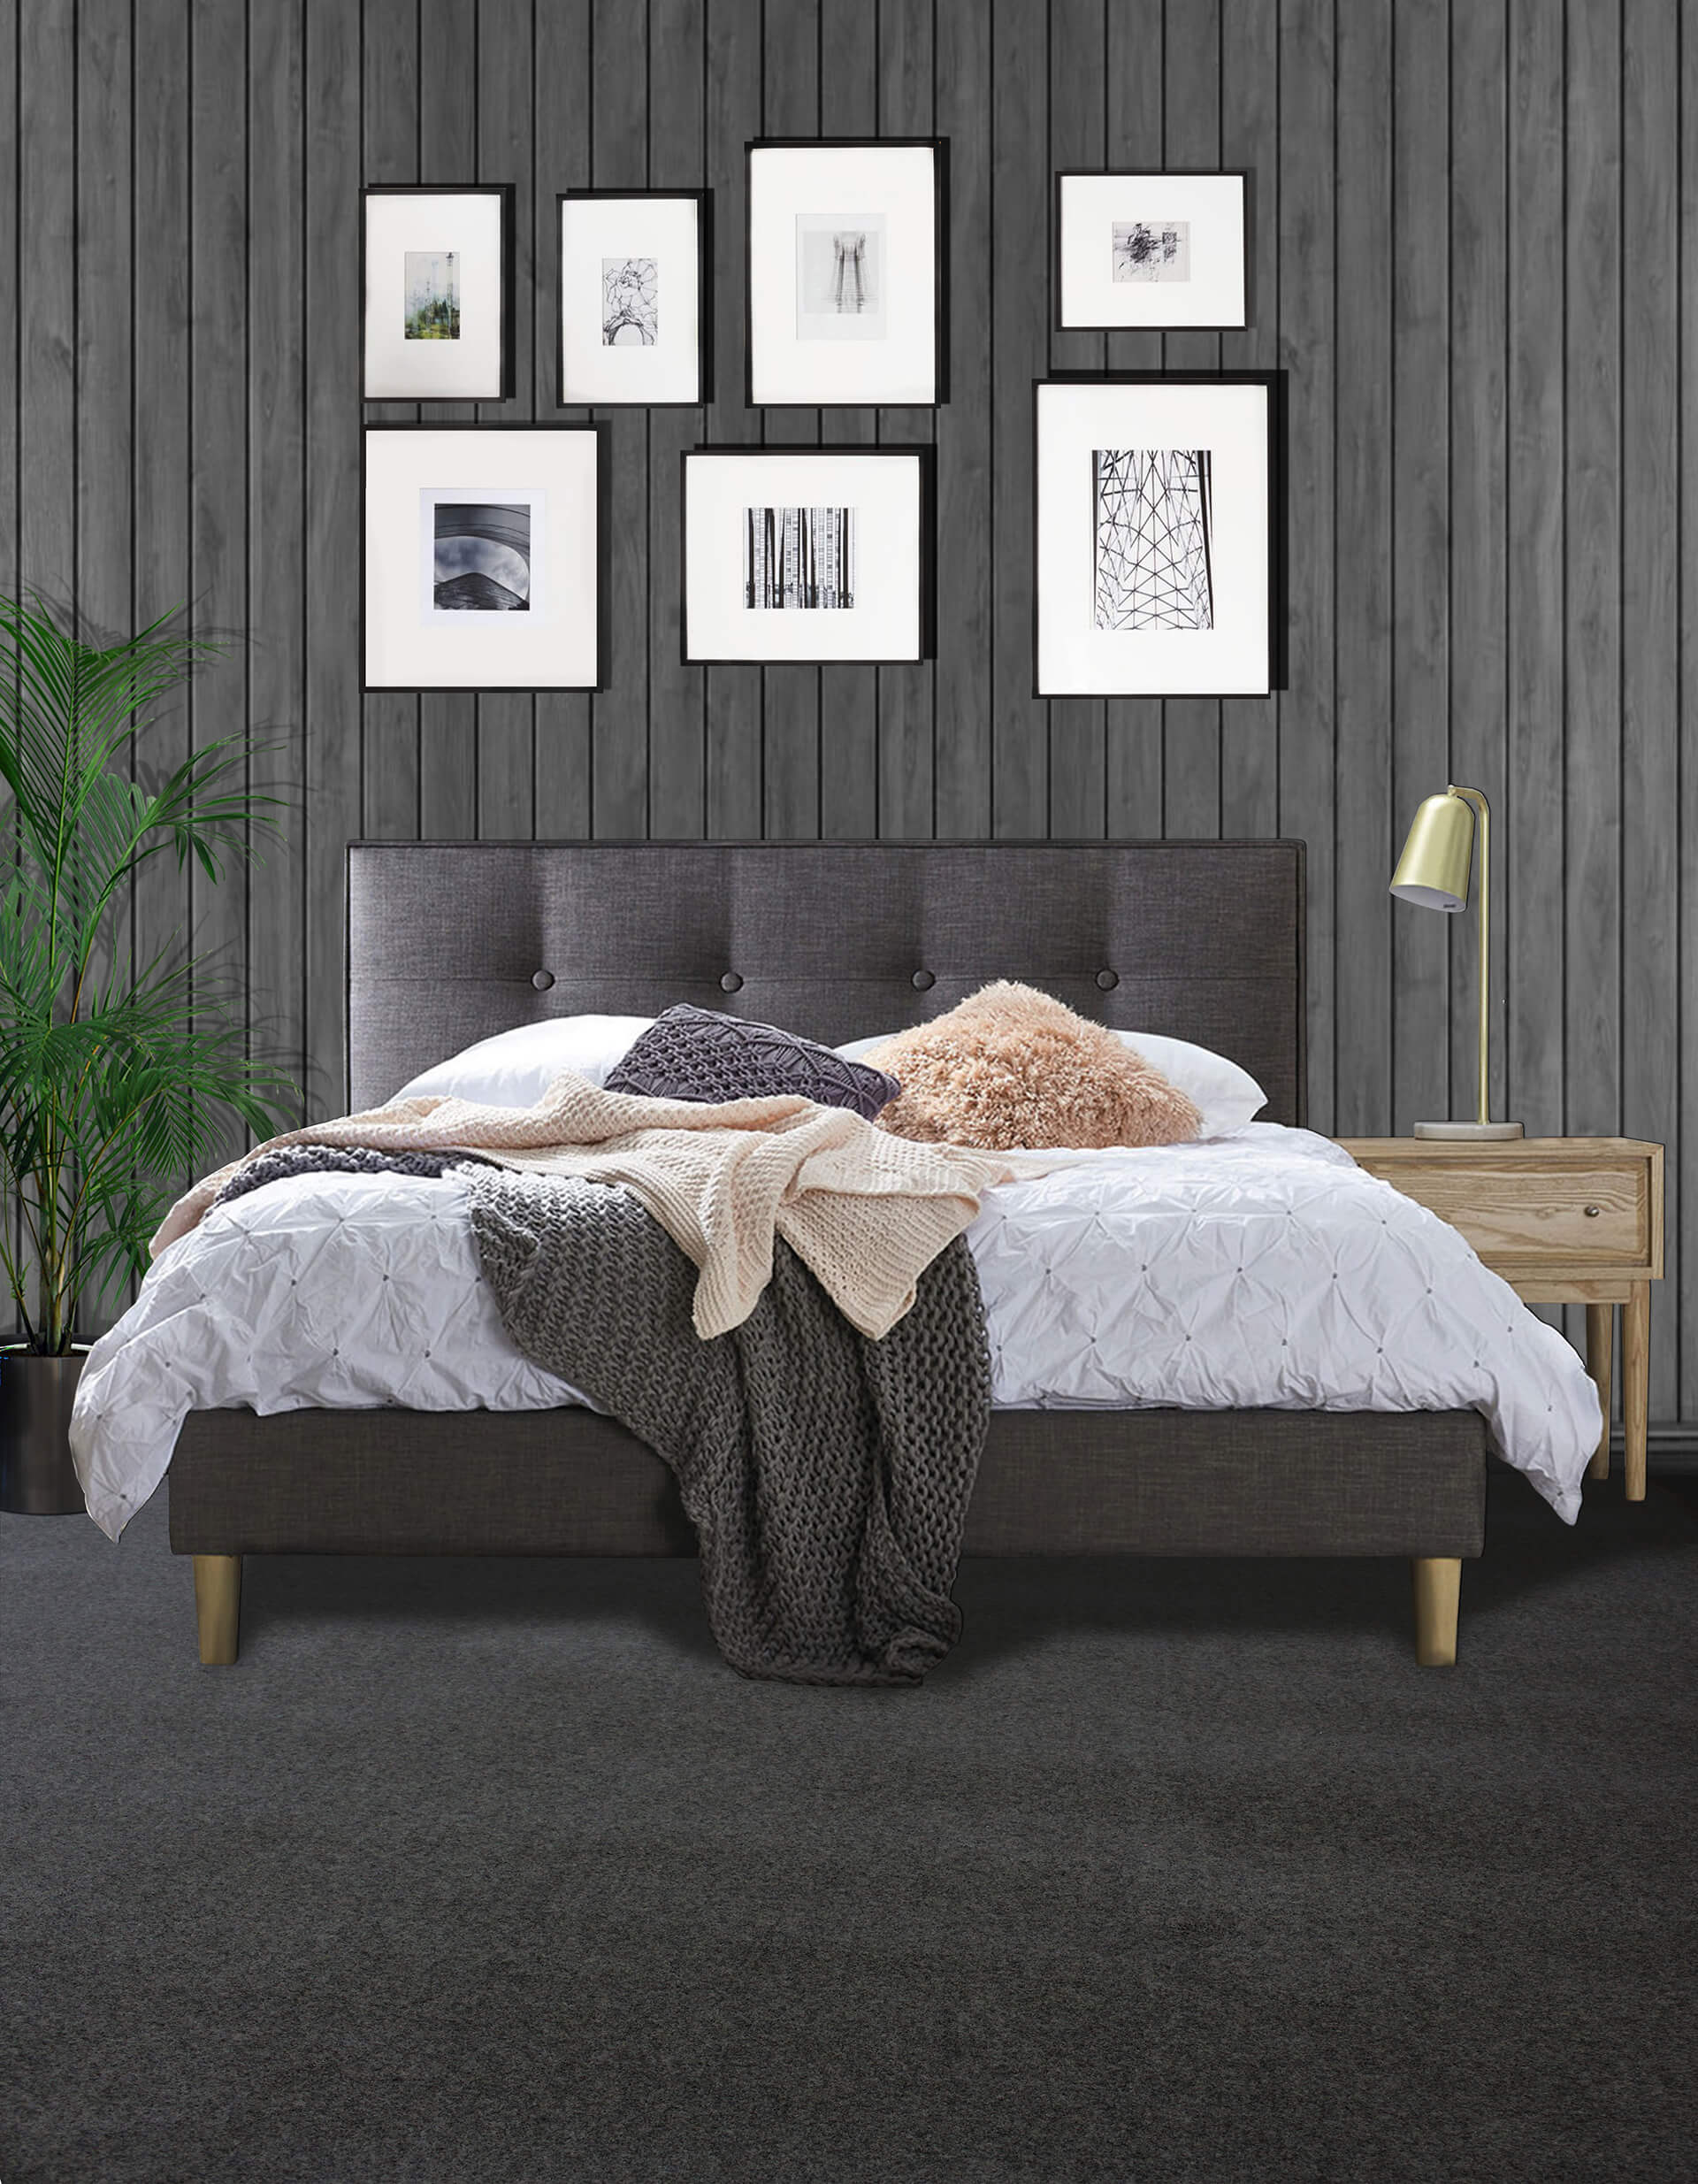 518-plain-bed